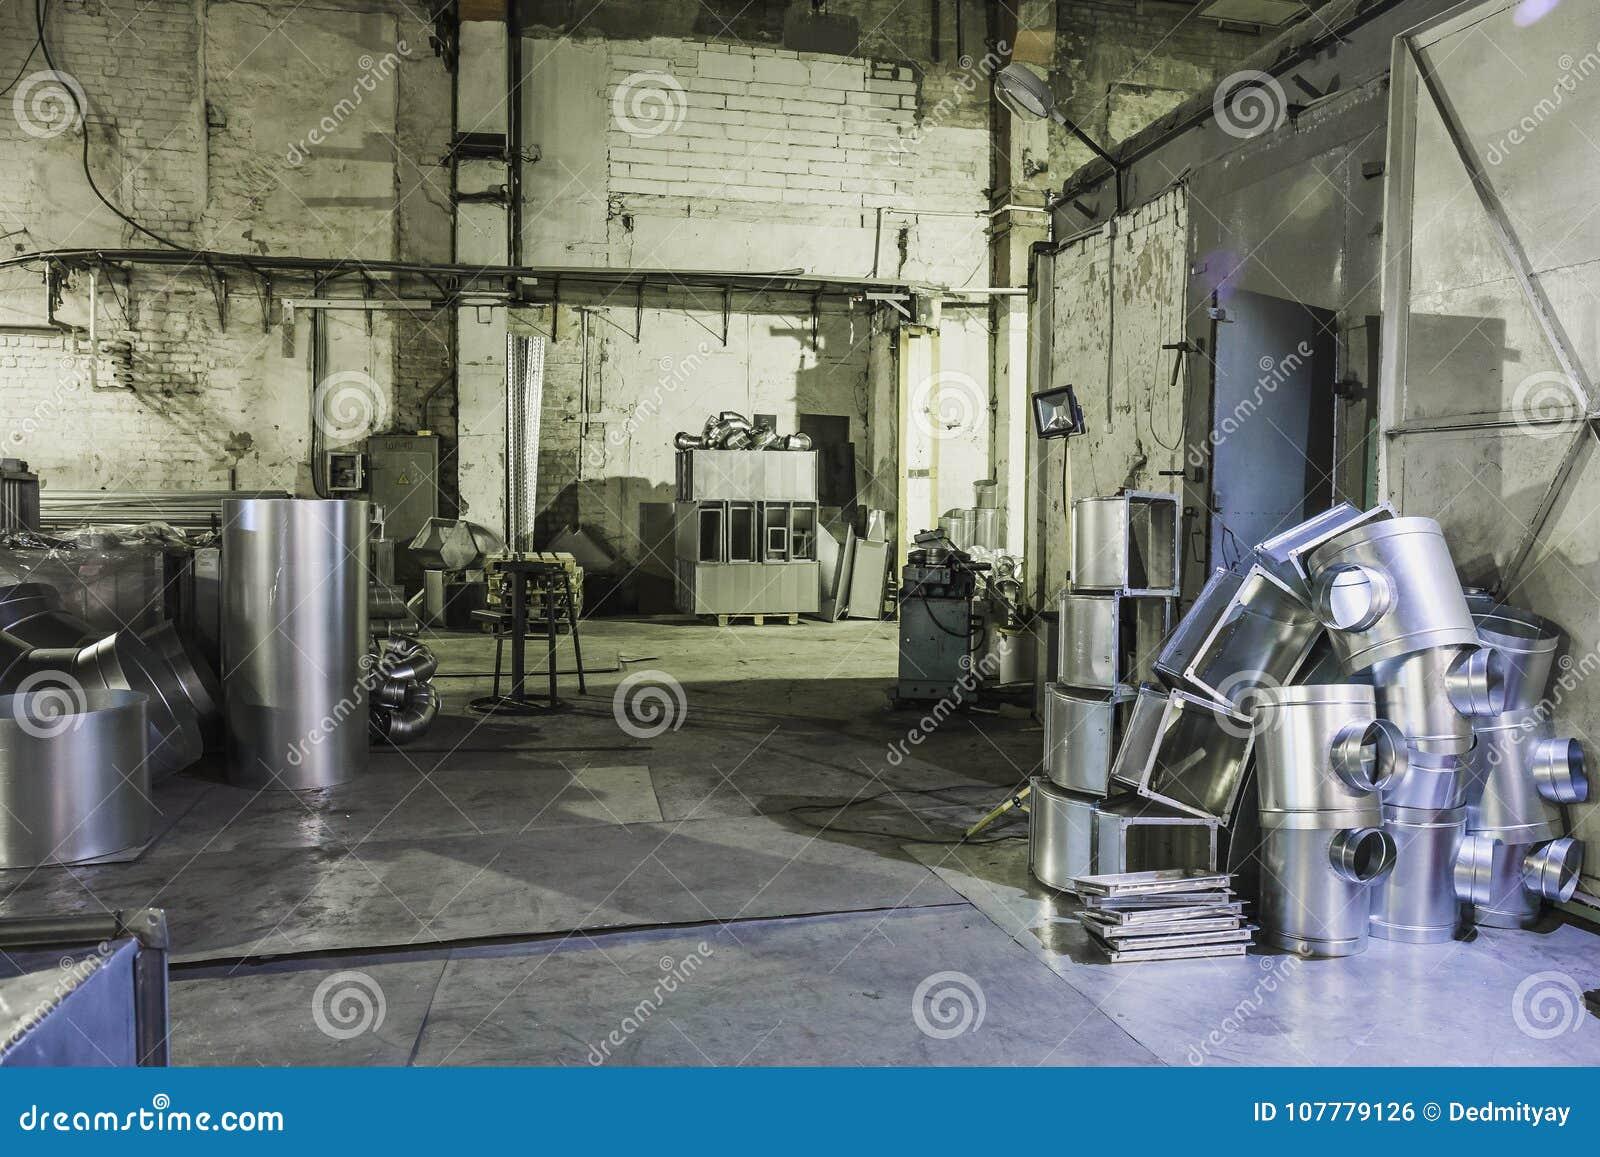 Przemysłowy warsztat lub hangar na produkci wentylacje Metalworking fabryka